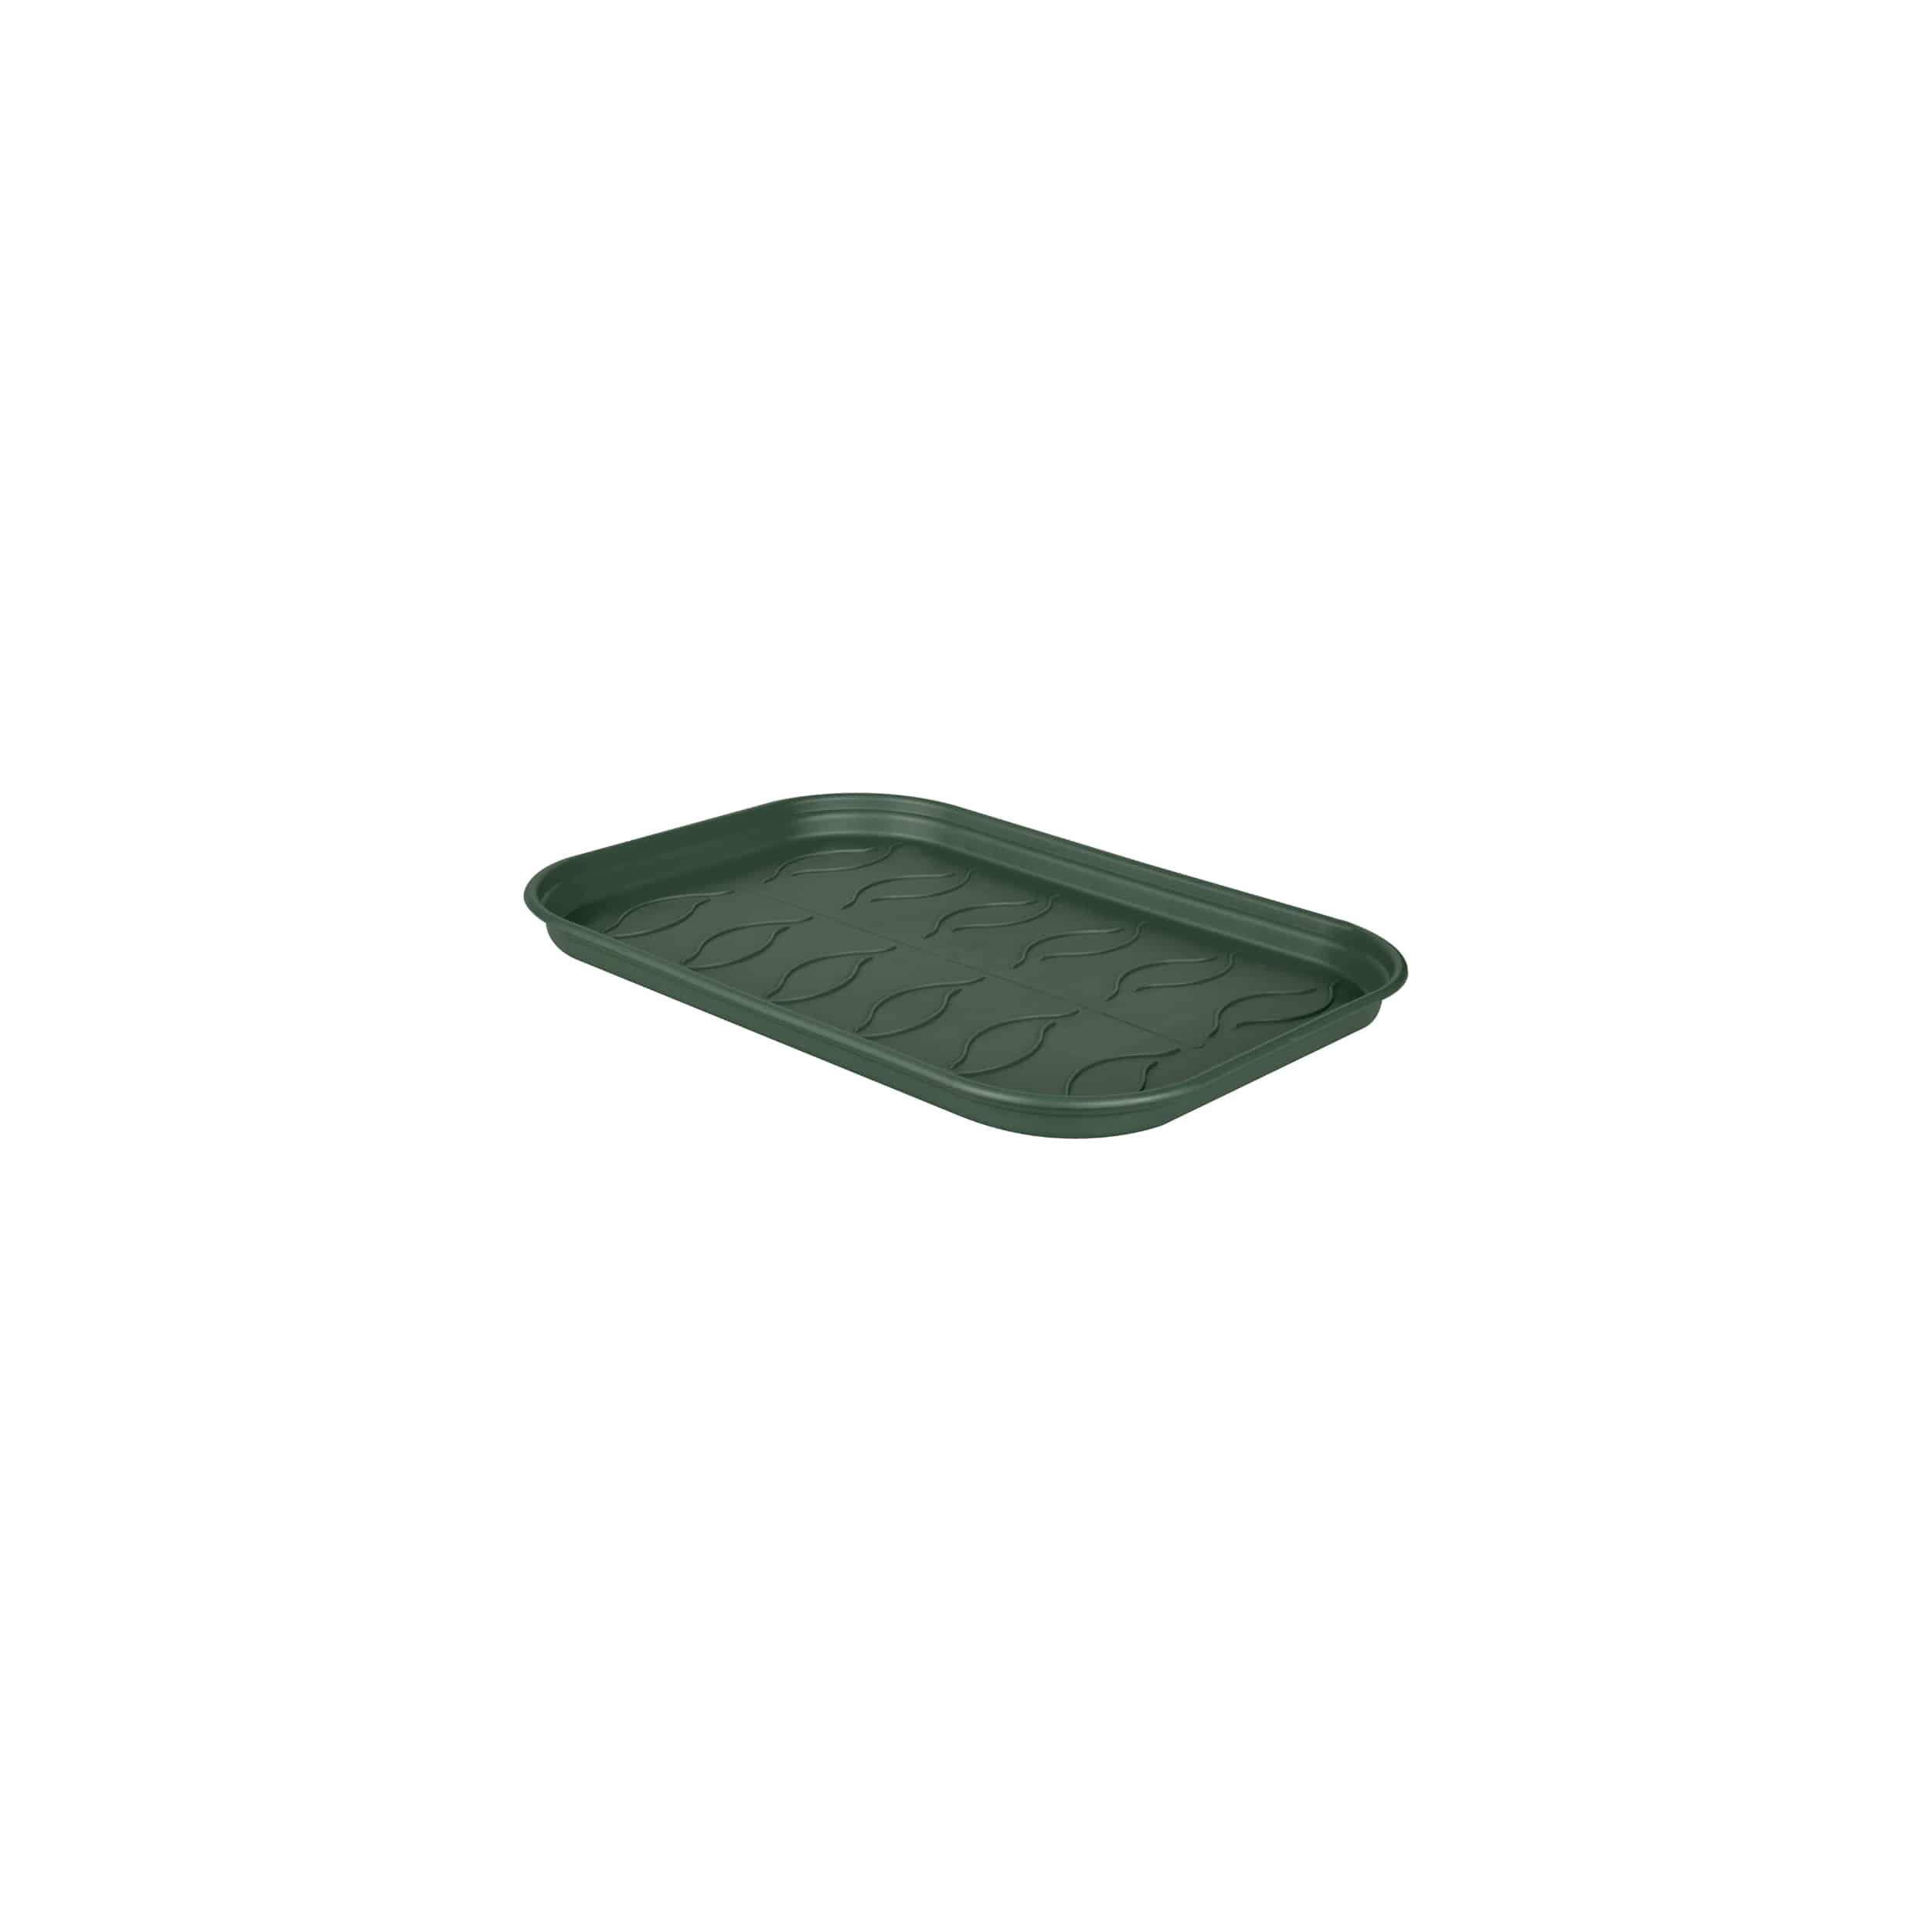 Anzuchthaus Untersetzer Green Basics Größe S laubgrün